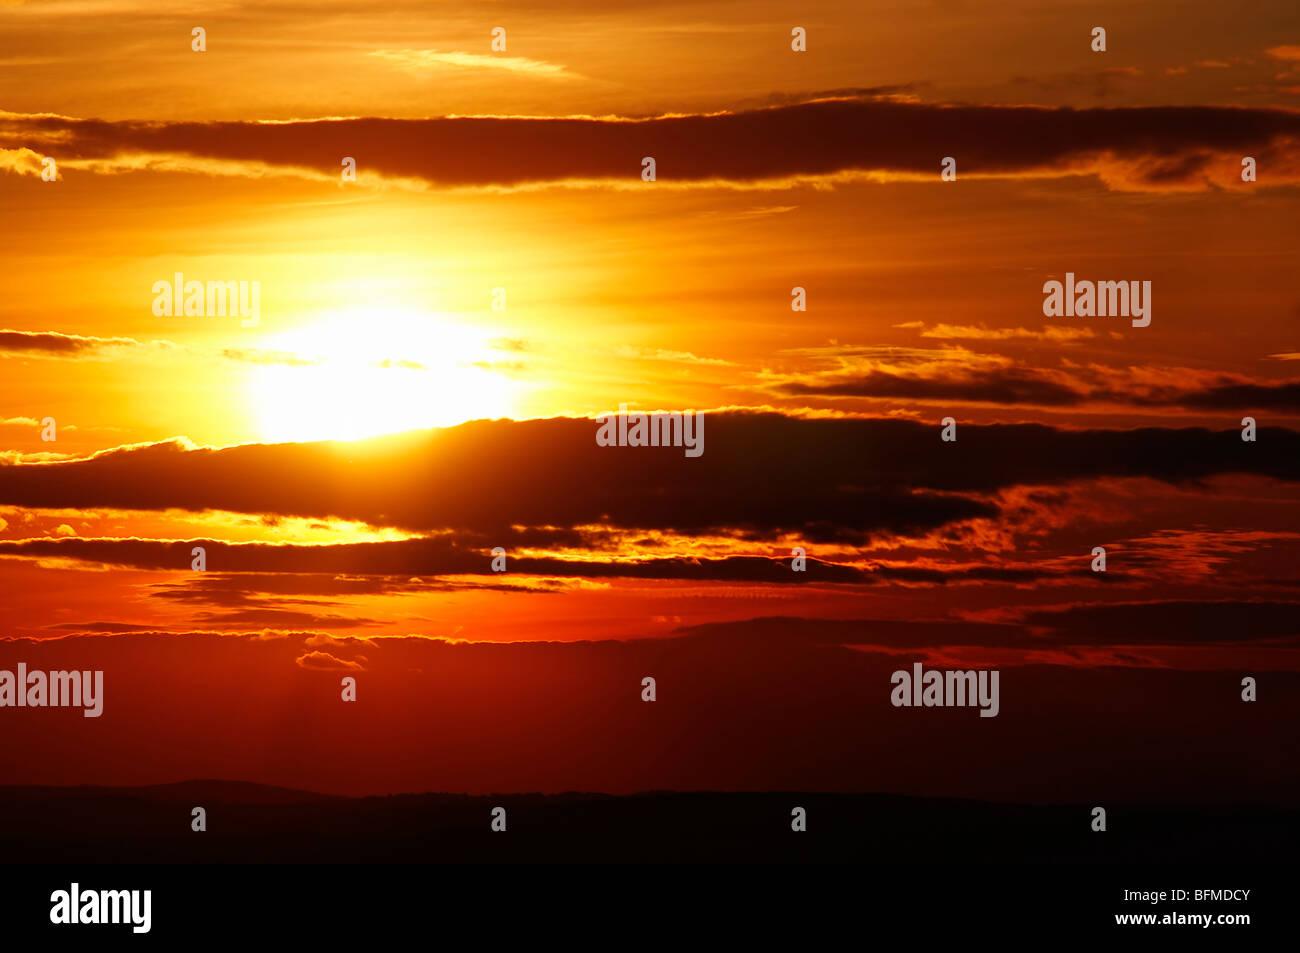 Sonne - Himmel und Sonnenuntergang Stockbild